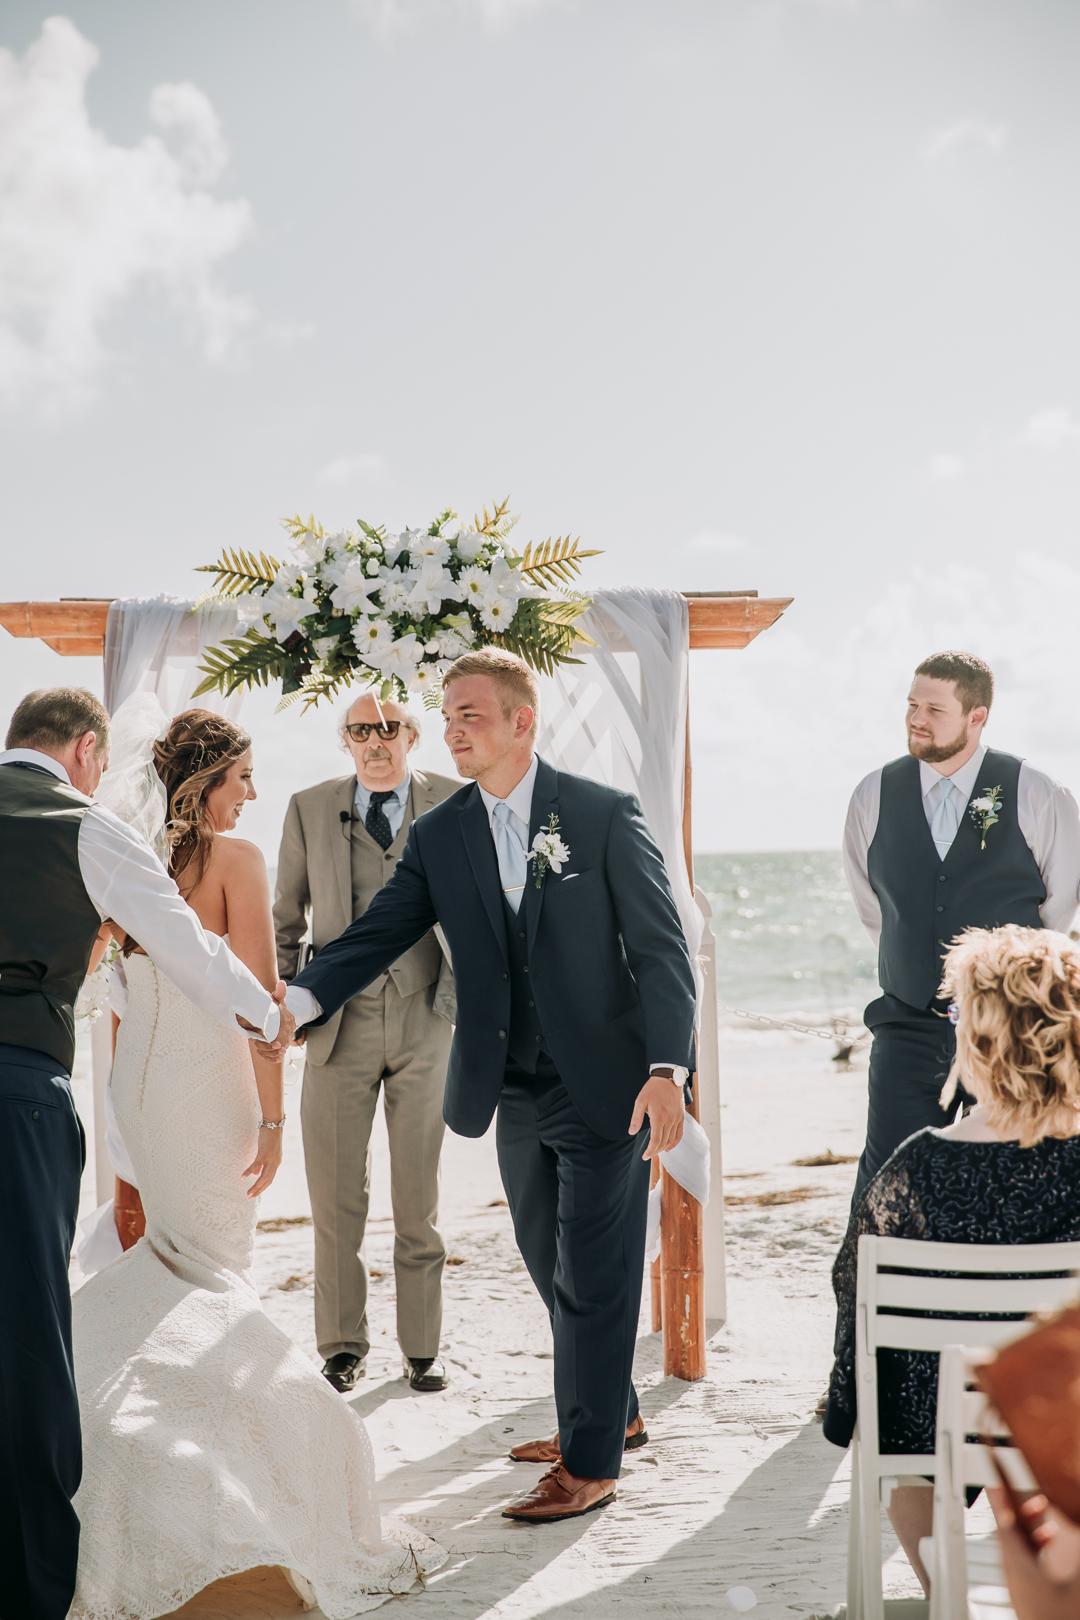 honeymoon-island-wedding-anastasia-noel-90.jpg